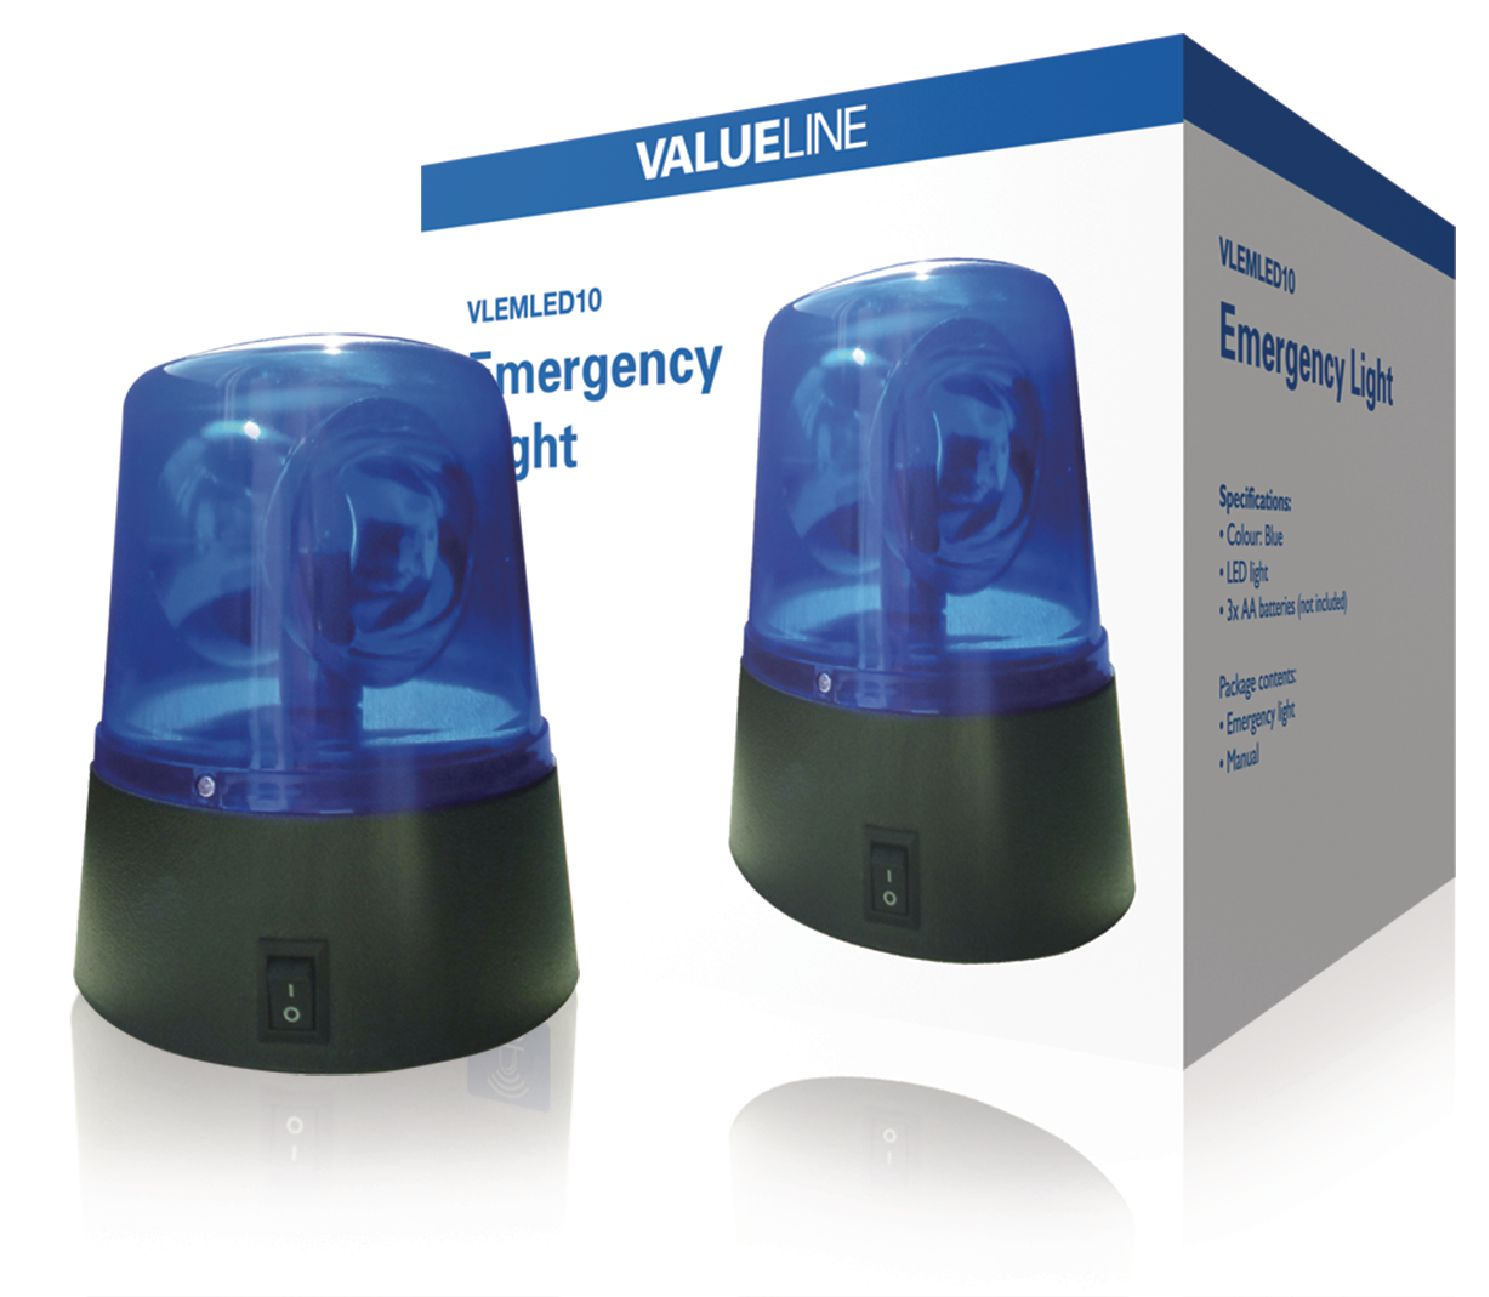 Modrý LED disco maják Valueline VLEMLED10